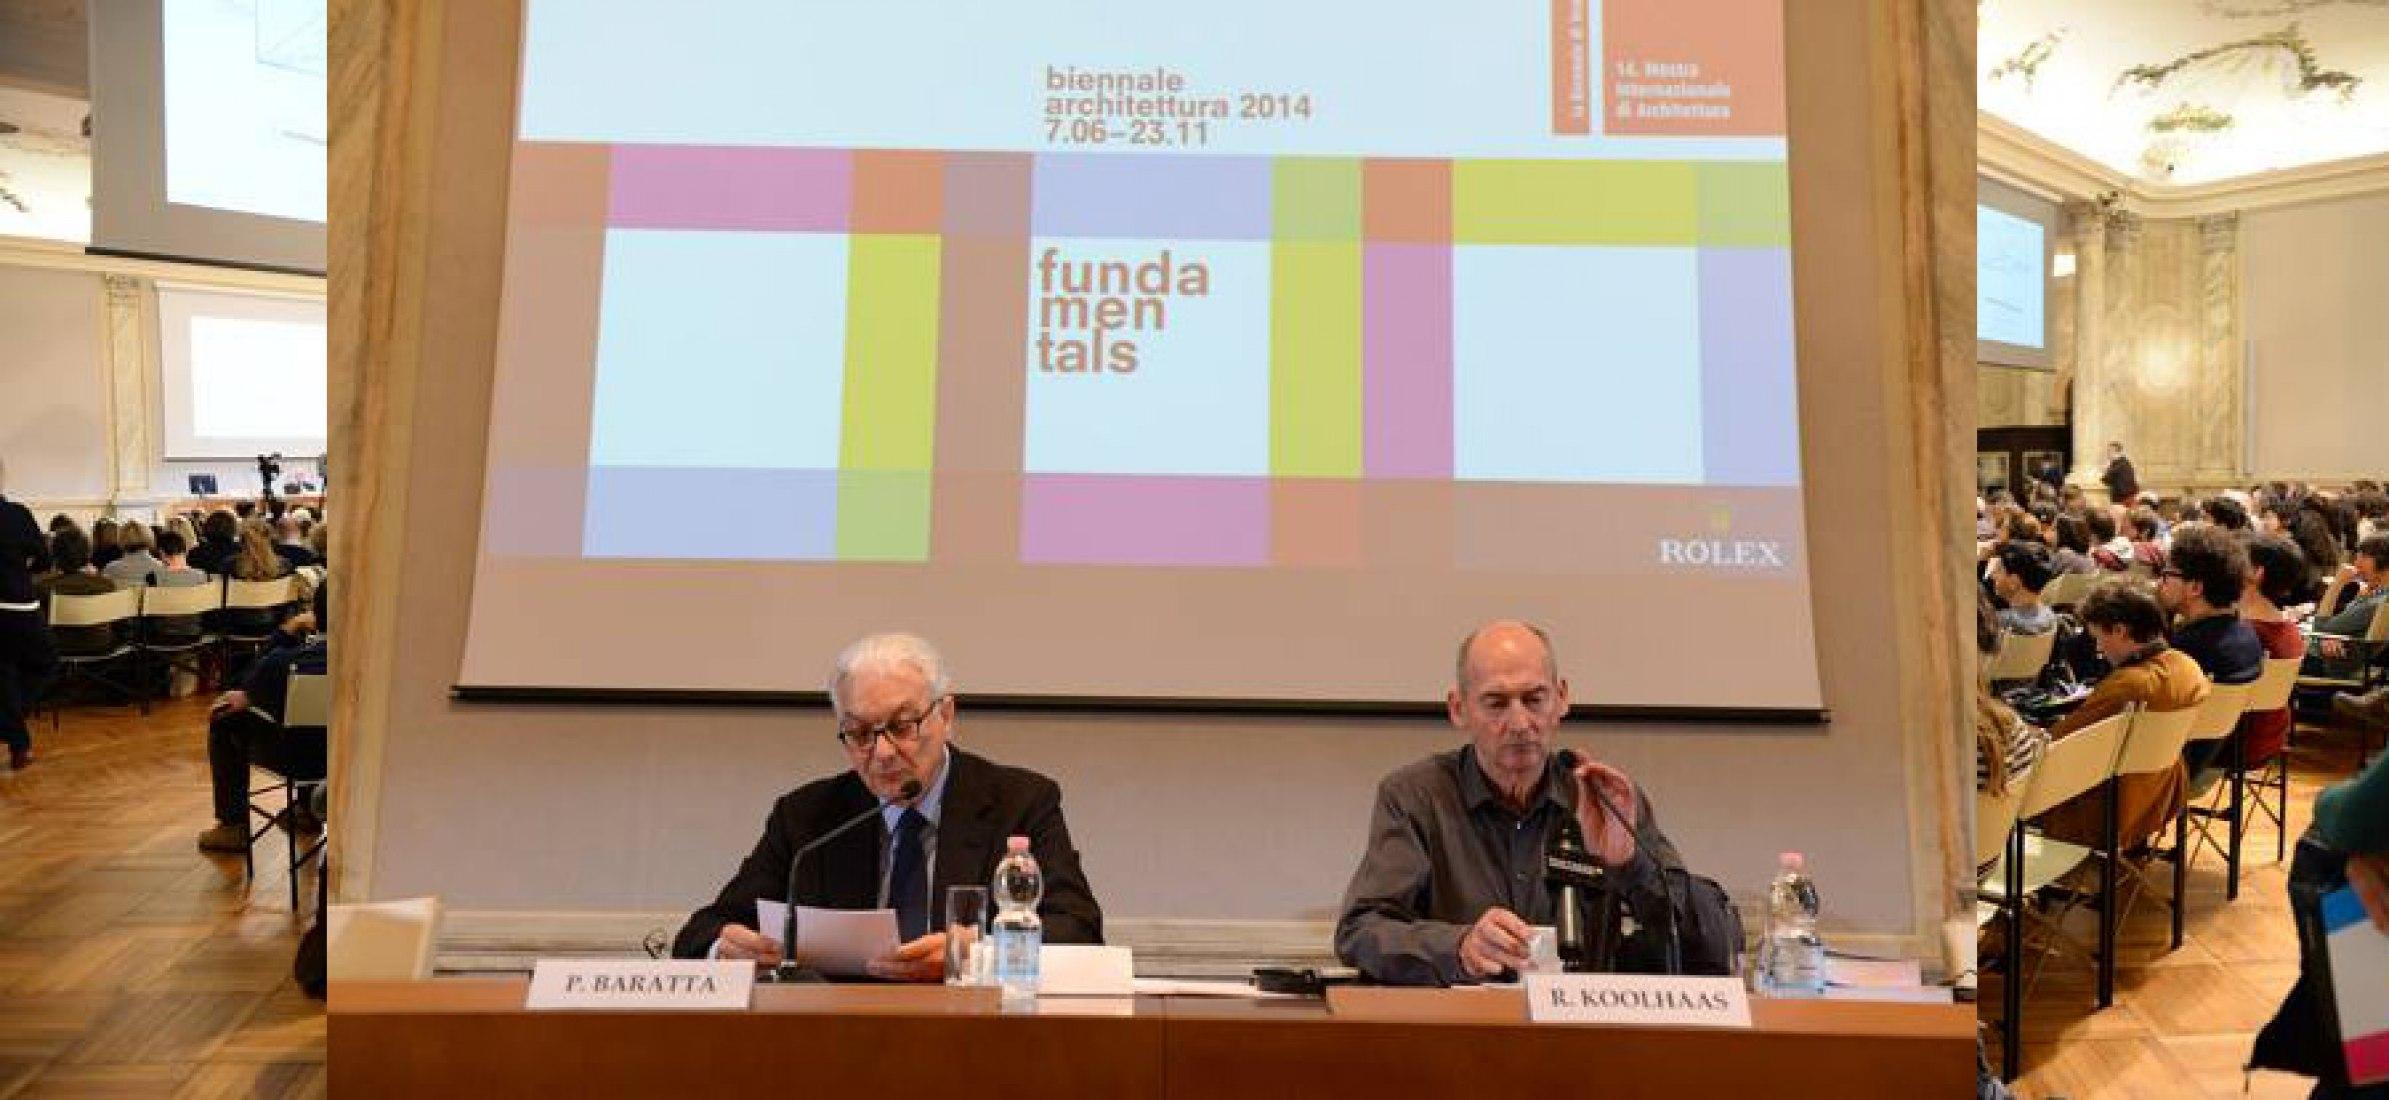 Paolo Baratta y Rem Koolhaas, ayer. Bienal de Venecia 2014.